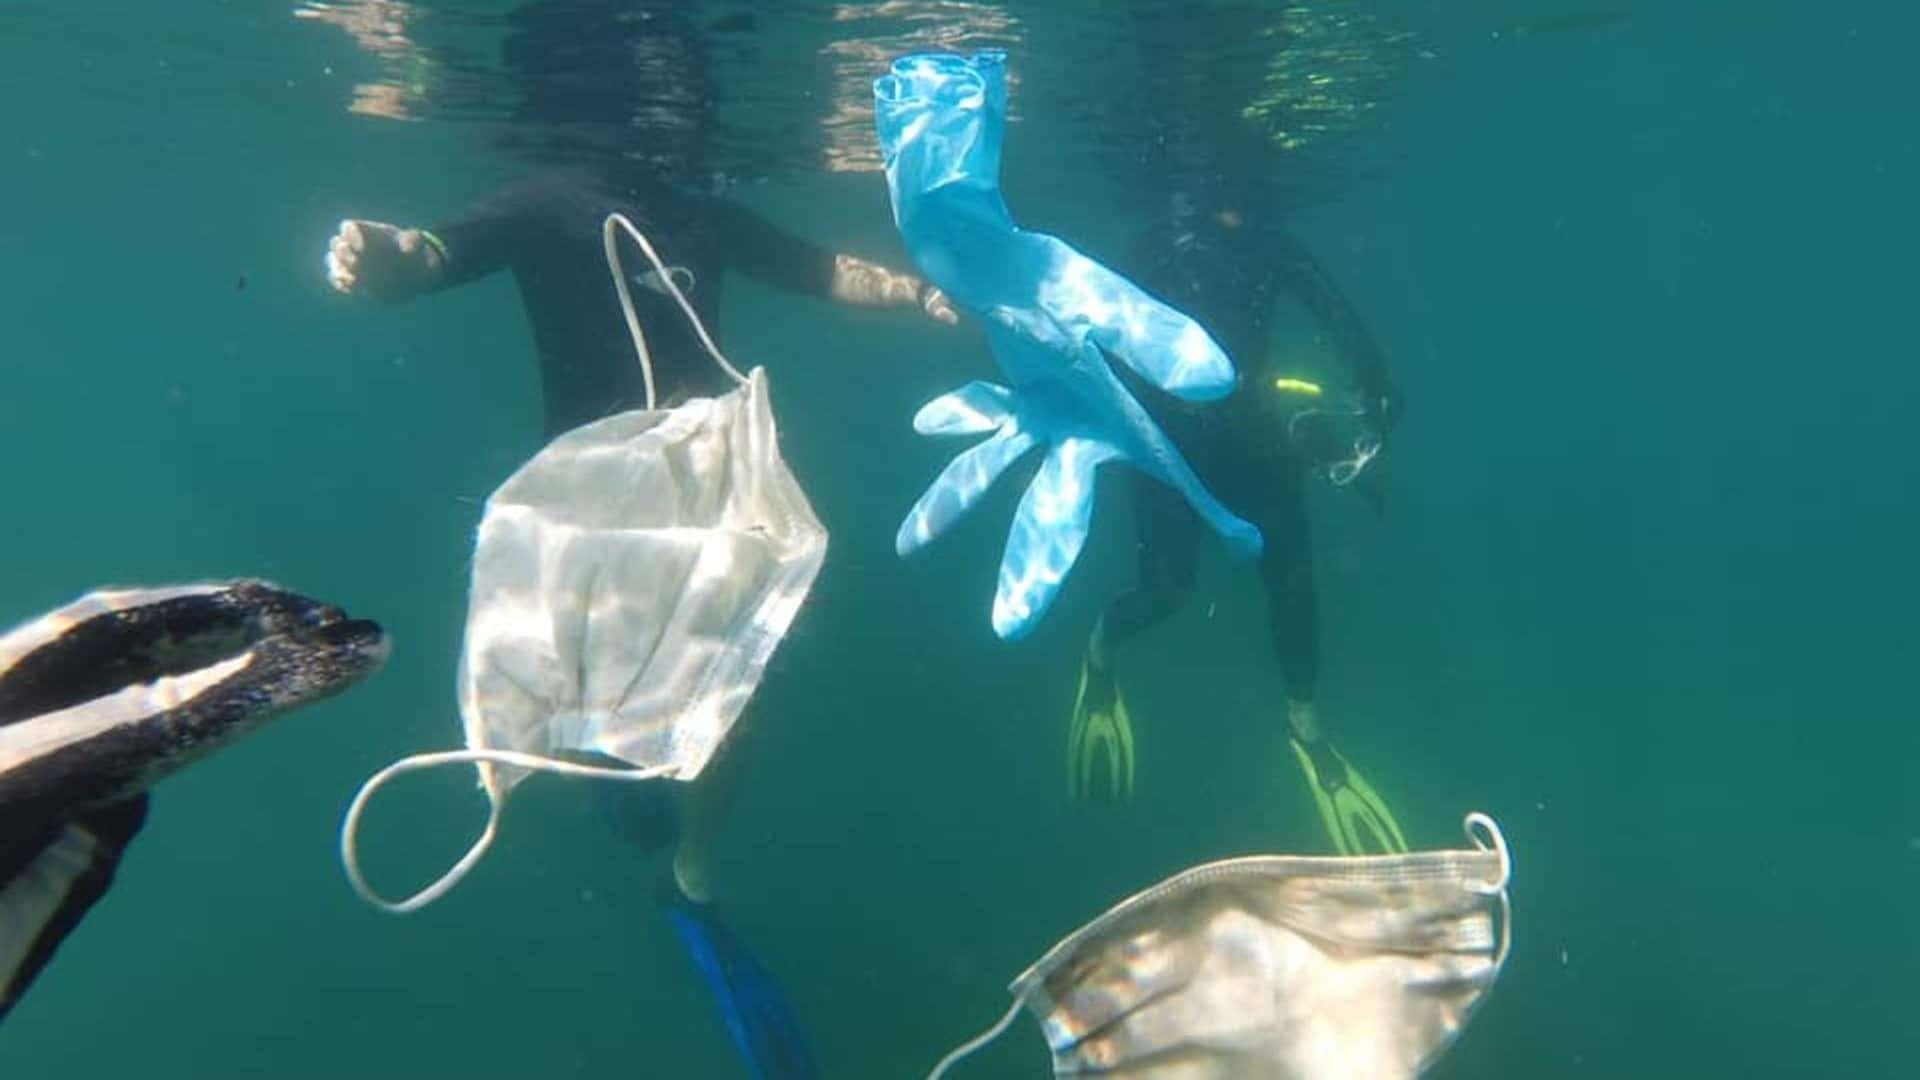 mascherine e guanti rifiuti in mare